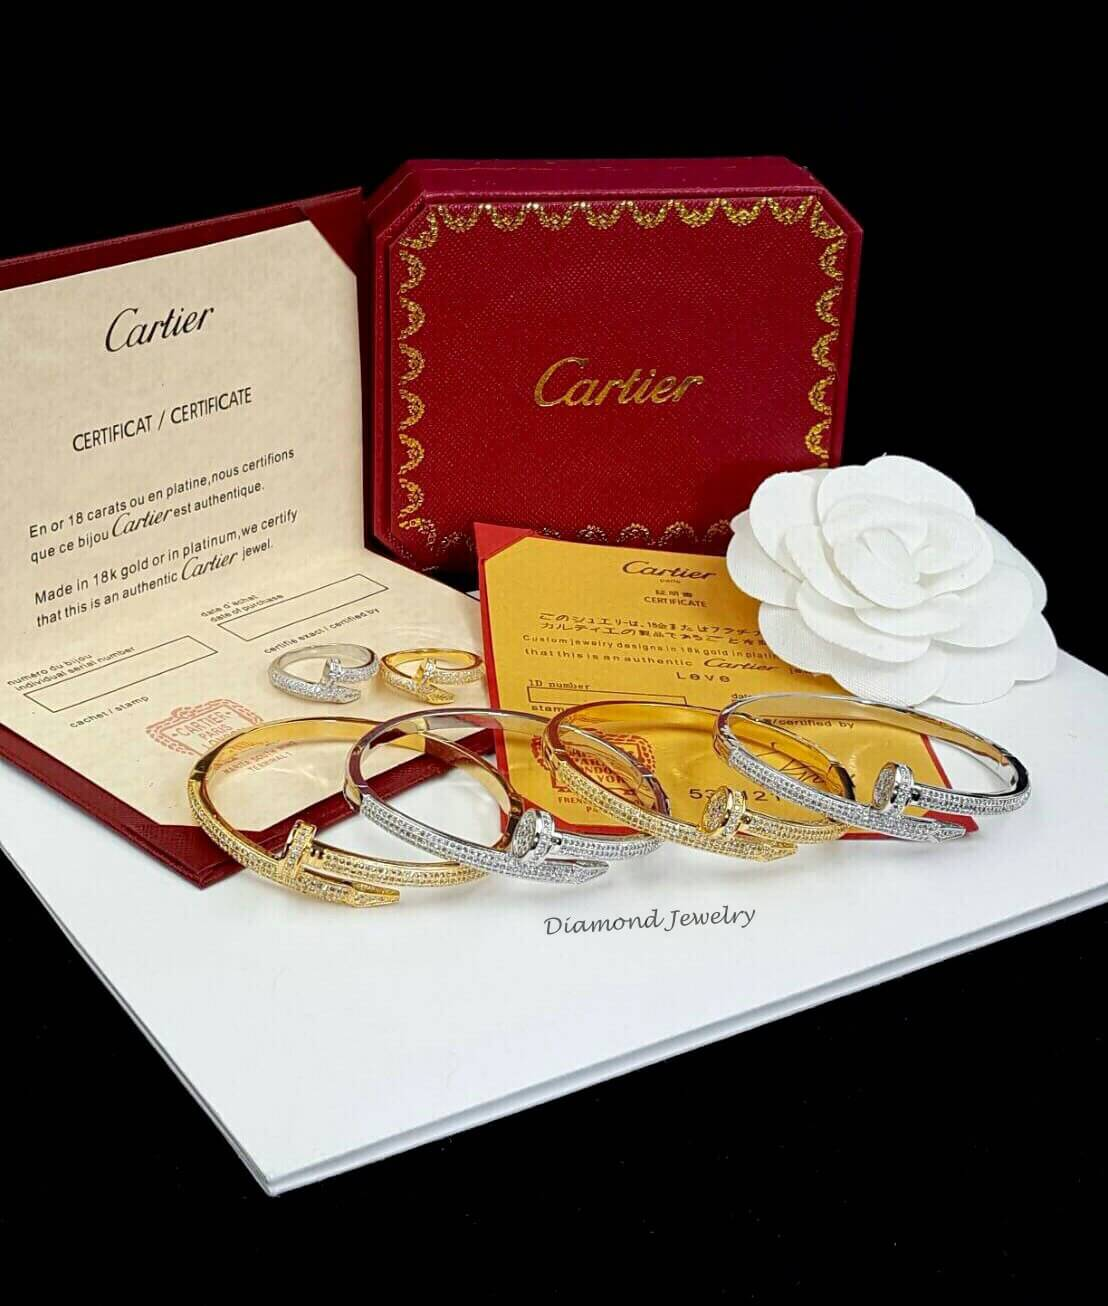 พร้อมส่ง Cartier Bracelet รุ่นตะปูพันรอบเดียวงานเกรดจิวเวอรี่